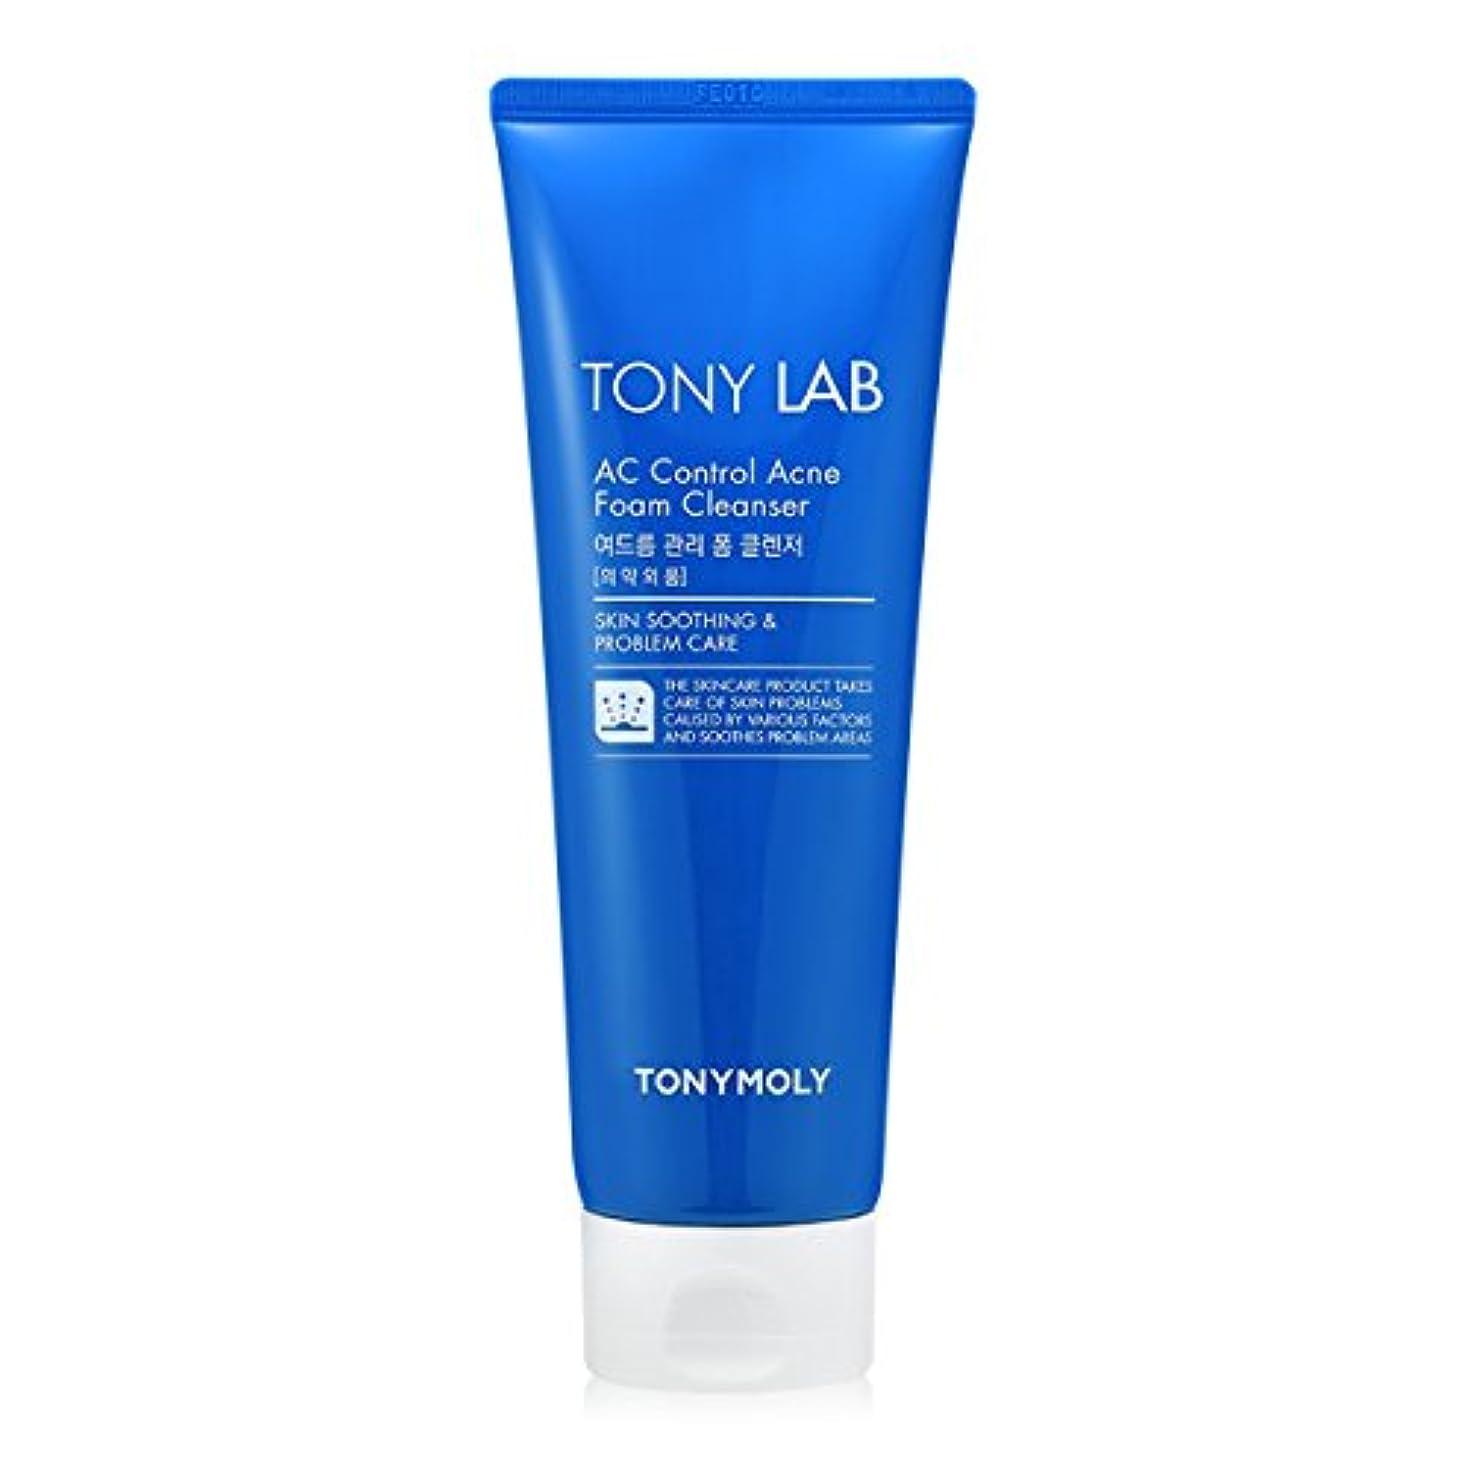 女優成功する準備ができて[New] TONYMOLY Tony Lab AC Control Acne Foam Cleanser 150ml/トニーモリー トニー ラボ AC コントロール アクネ フォーム クレンザー 150ml [並行輸入品]